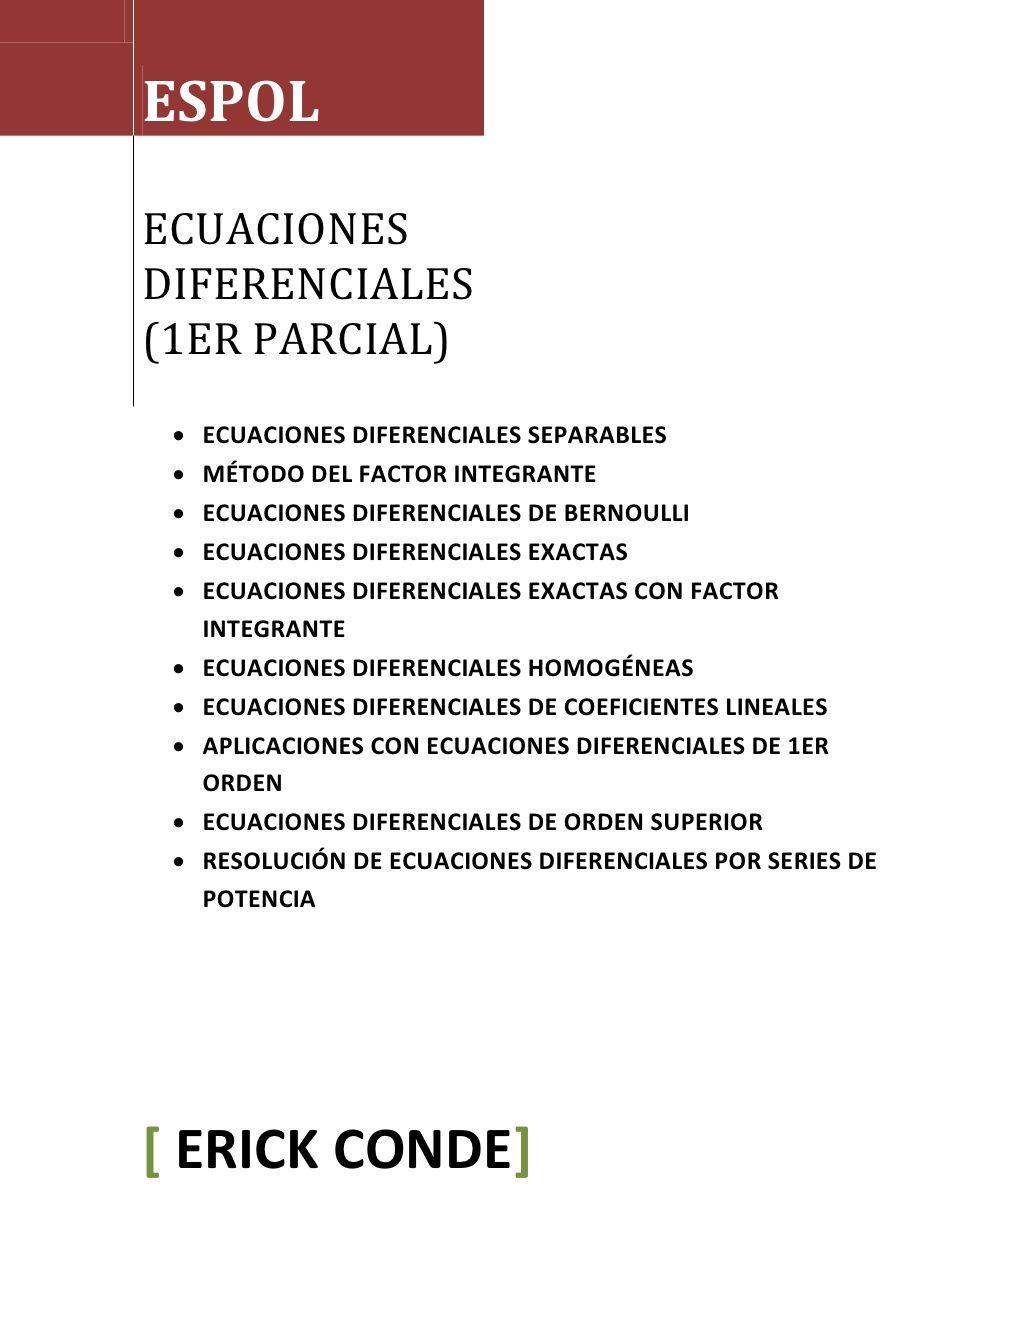 Folleto de ecuaciones diferenciales 1er parcial by erick conde via folleto de ecuaciones diferenciales 1er parcial by erick conde via slideshare urtaz Choice Image